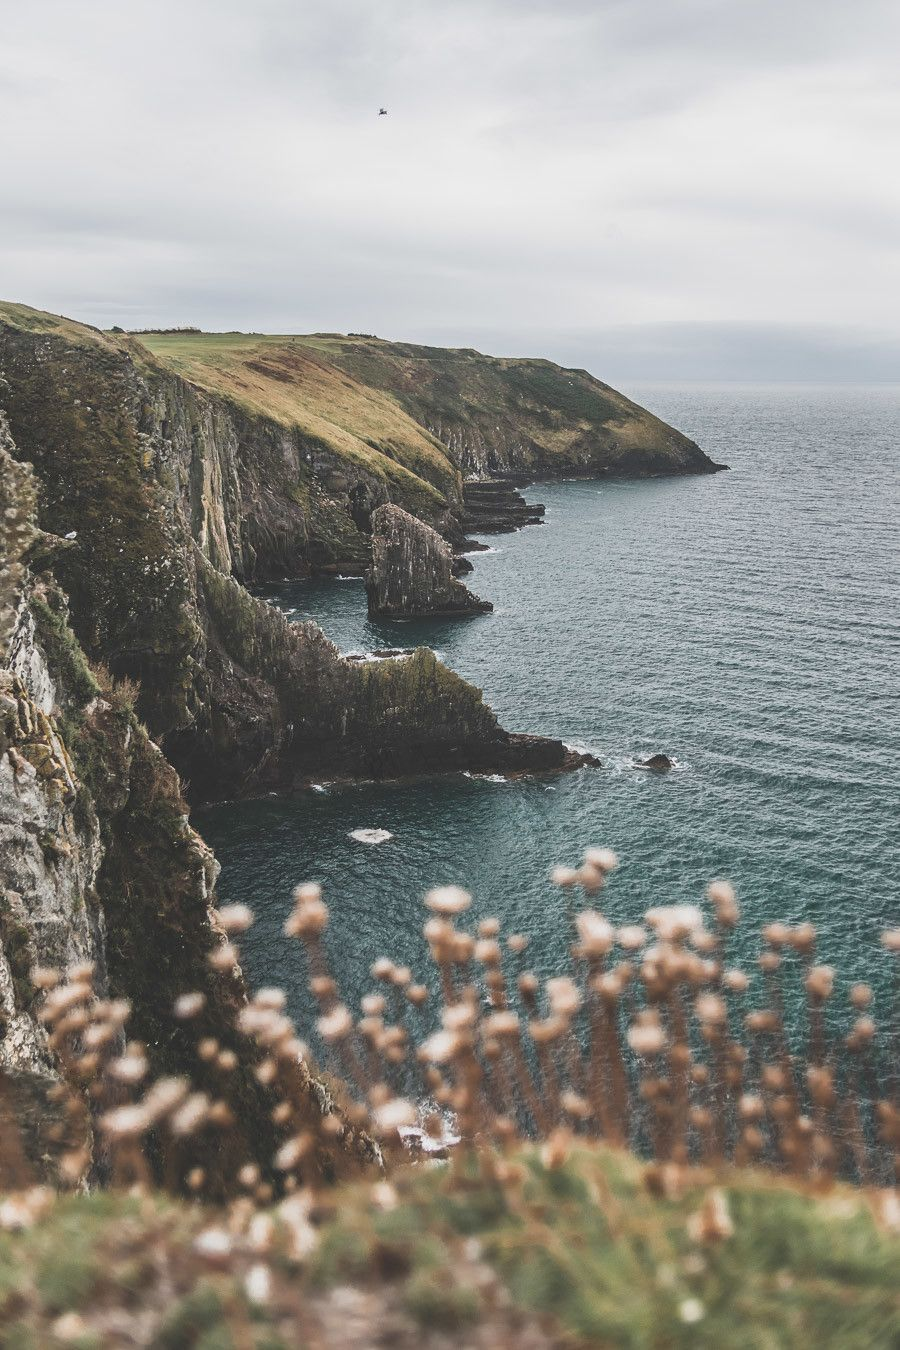 Les falaises découpées du sud de l'Irlande